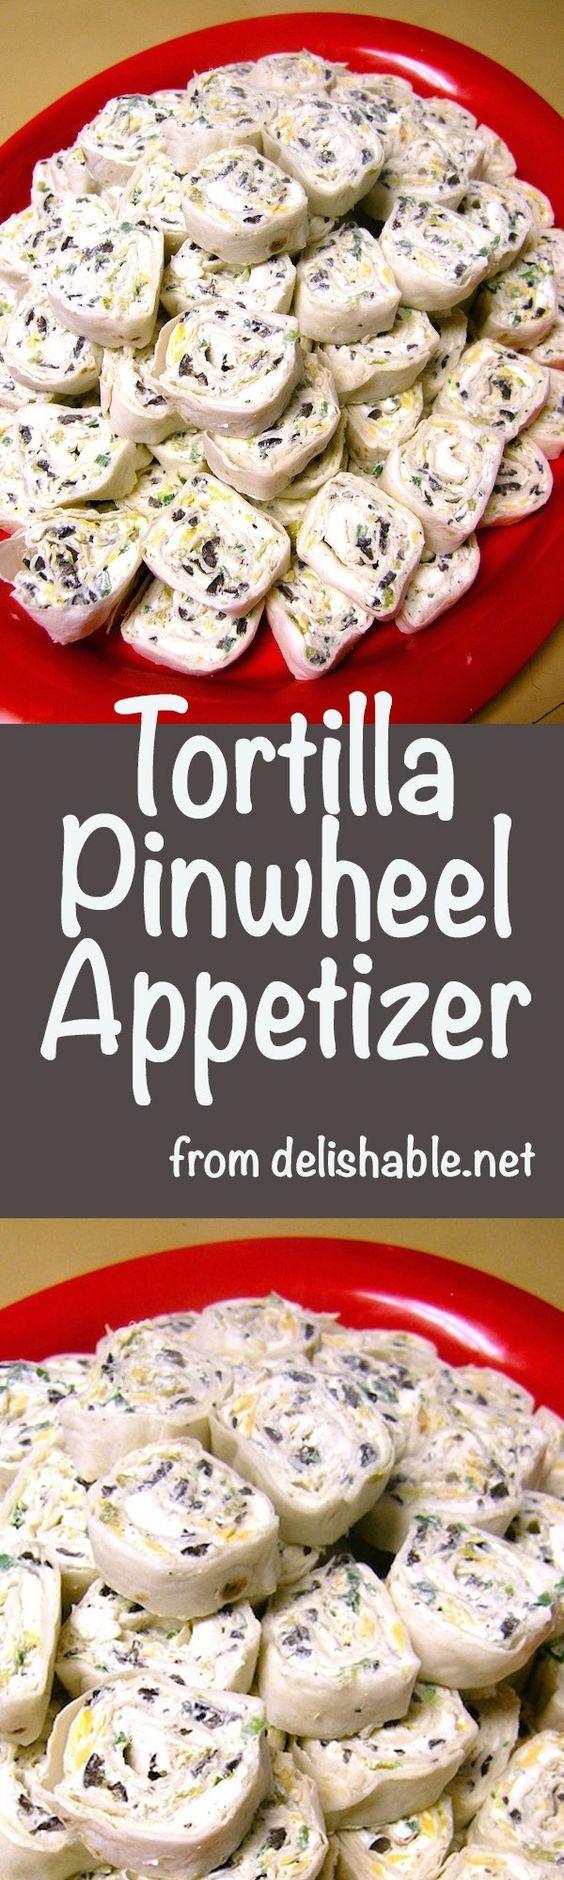 Tortilla Pinwheel Appetizer